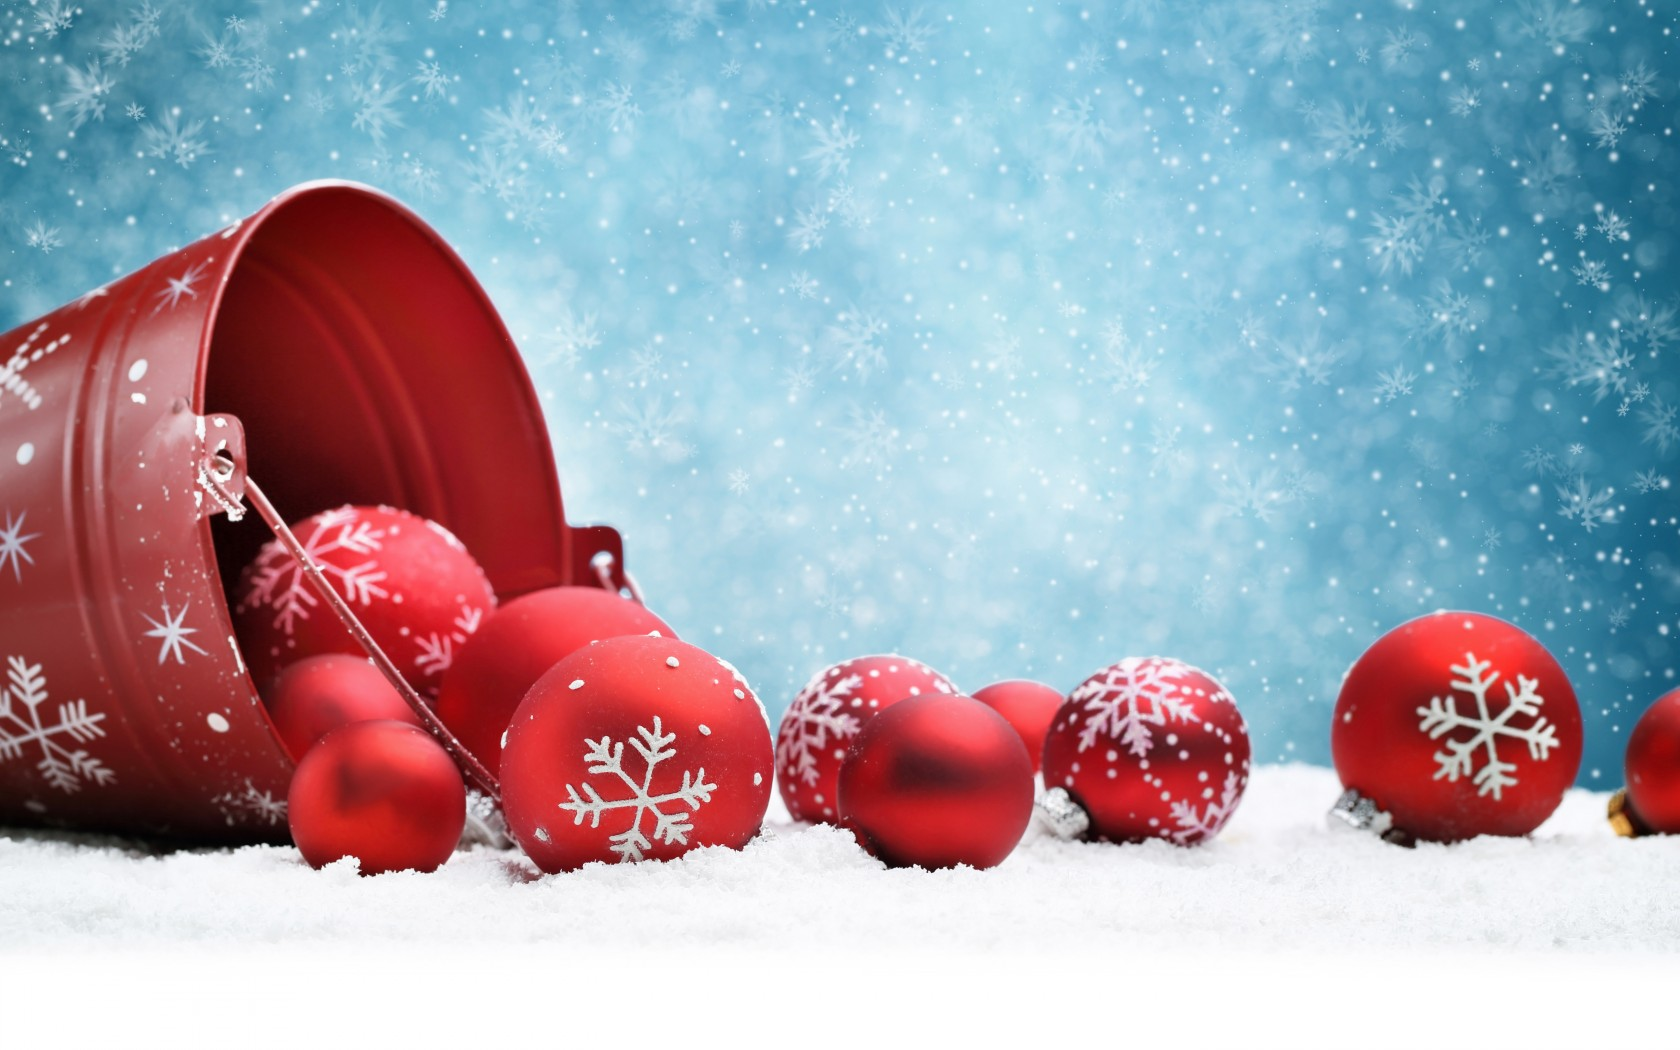 2015年圣诞节创意设计素材PPT背景图片免费下载是由PPT宝藏(www.pptbz.com)会员zengmin上传推荐的节日PPT背景图片, 更新时间为2016-11-04,素材编号110258。 这是2015年圣诞节创意设计素材PPT背景图片,包括了圣诞节简介,起源,特色礼物,圣诞老人,圣诞树,圣诞饮食,树干松糕,杏仁布丁,鳕鱼,流行地,圣诞祝福等内容,欢迎点击下载。 起源 纪念耶稣出生 耶稣的出生是有一段故事的,耶苏是圣灵成孕,由童女马利亚所生的。神更派遣使者加伯列在梦中晓谕约瑟,叫他不要因为马利亚